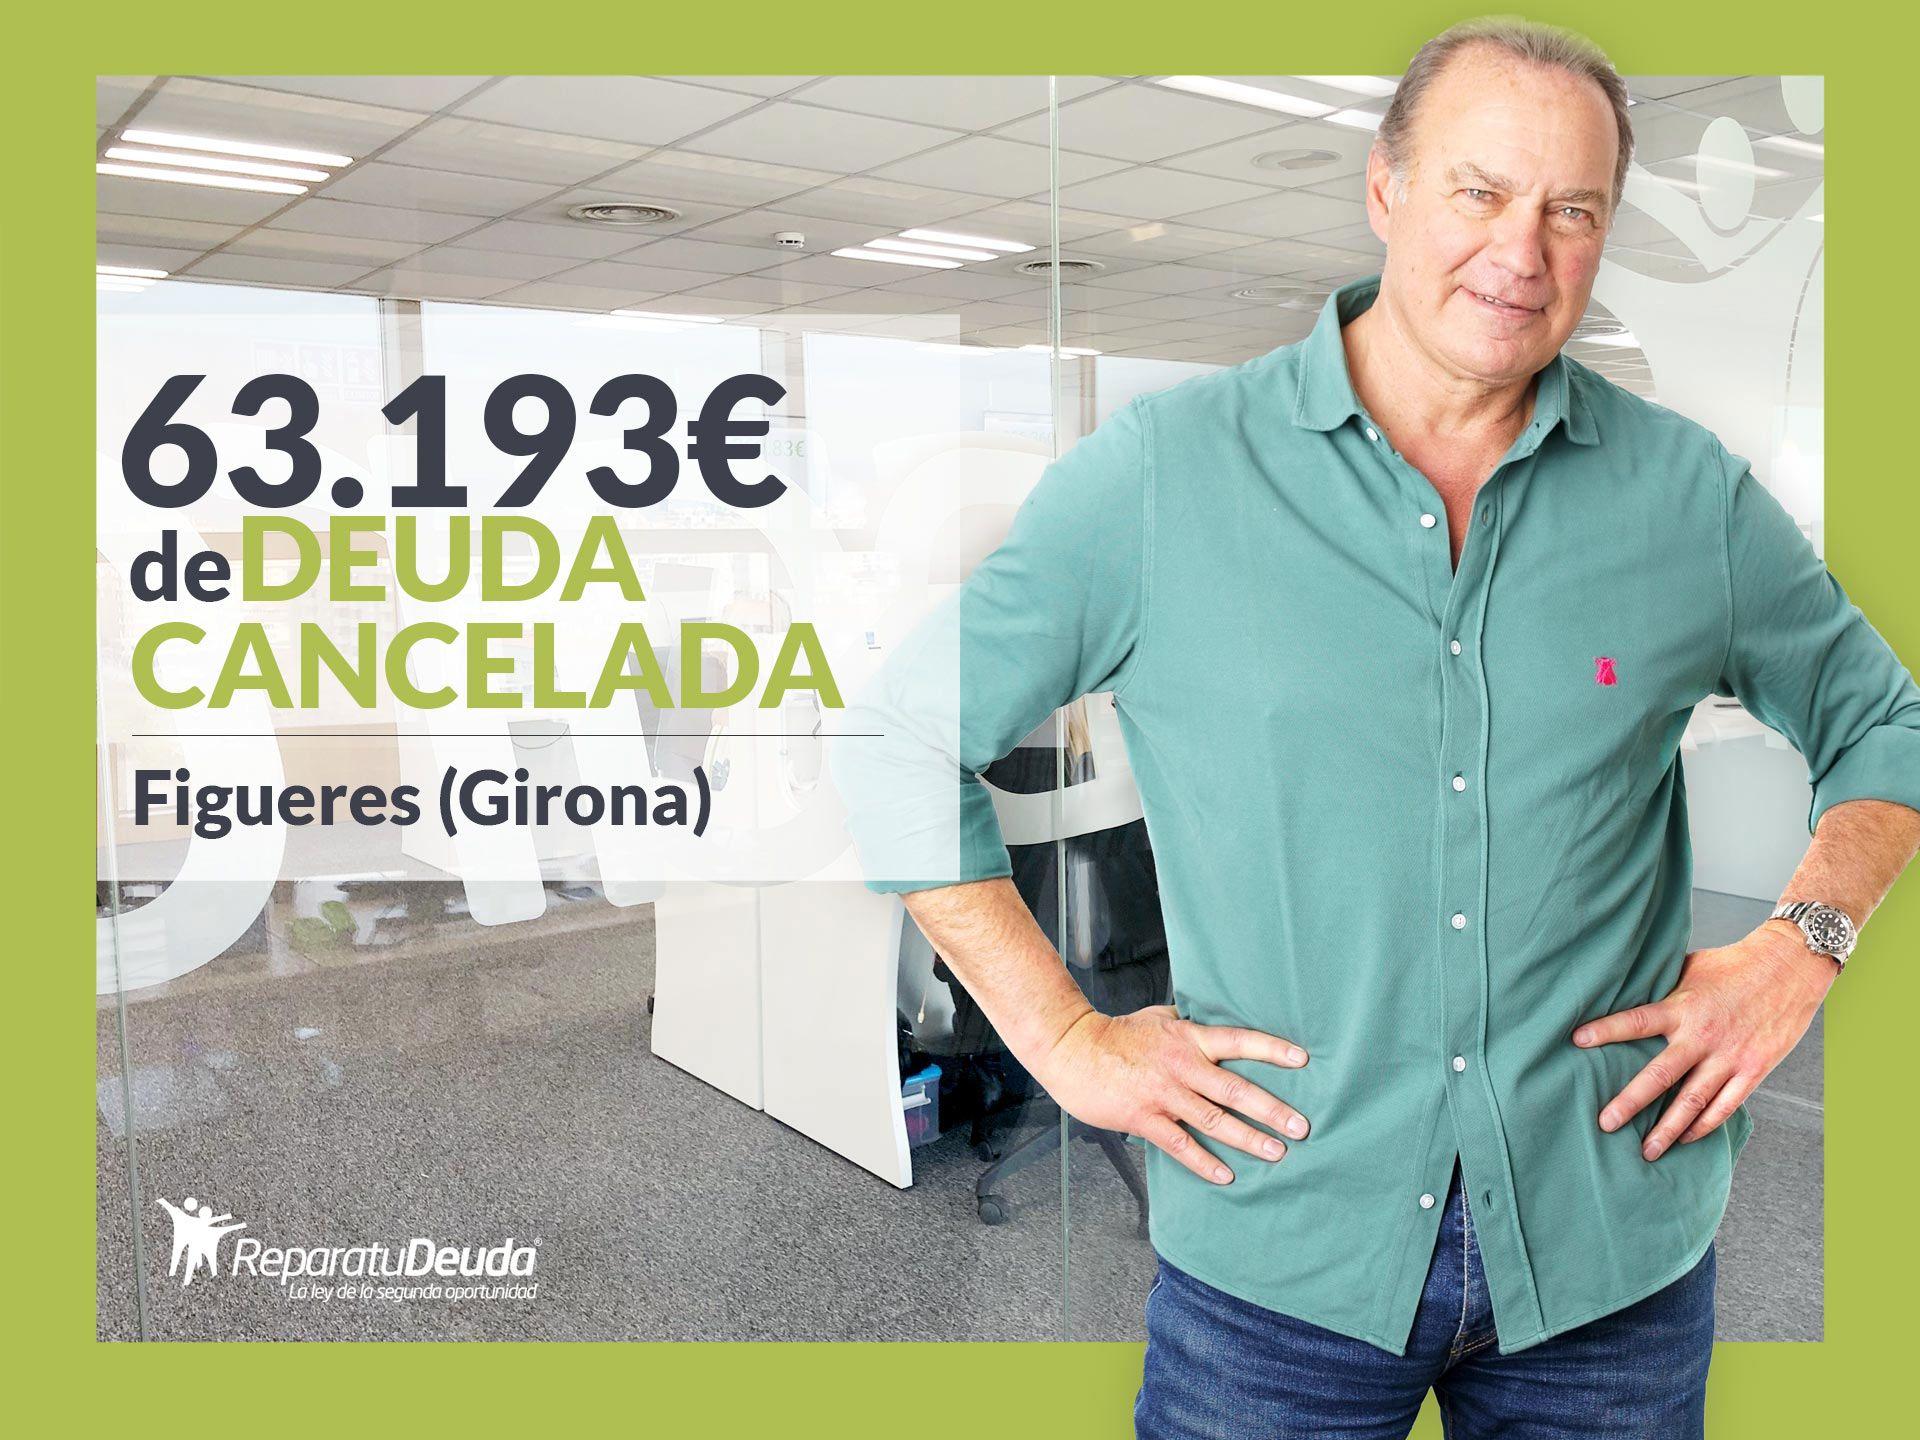 Repara tu Deuda cancela 63.193? en Figueres (Girona) con la Ley de la Segunda Oportunidad